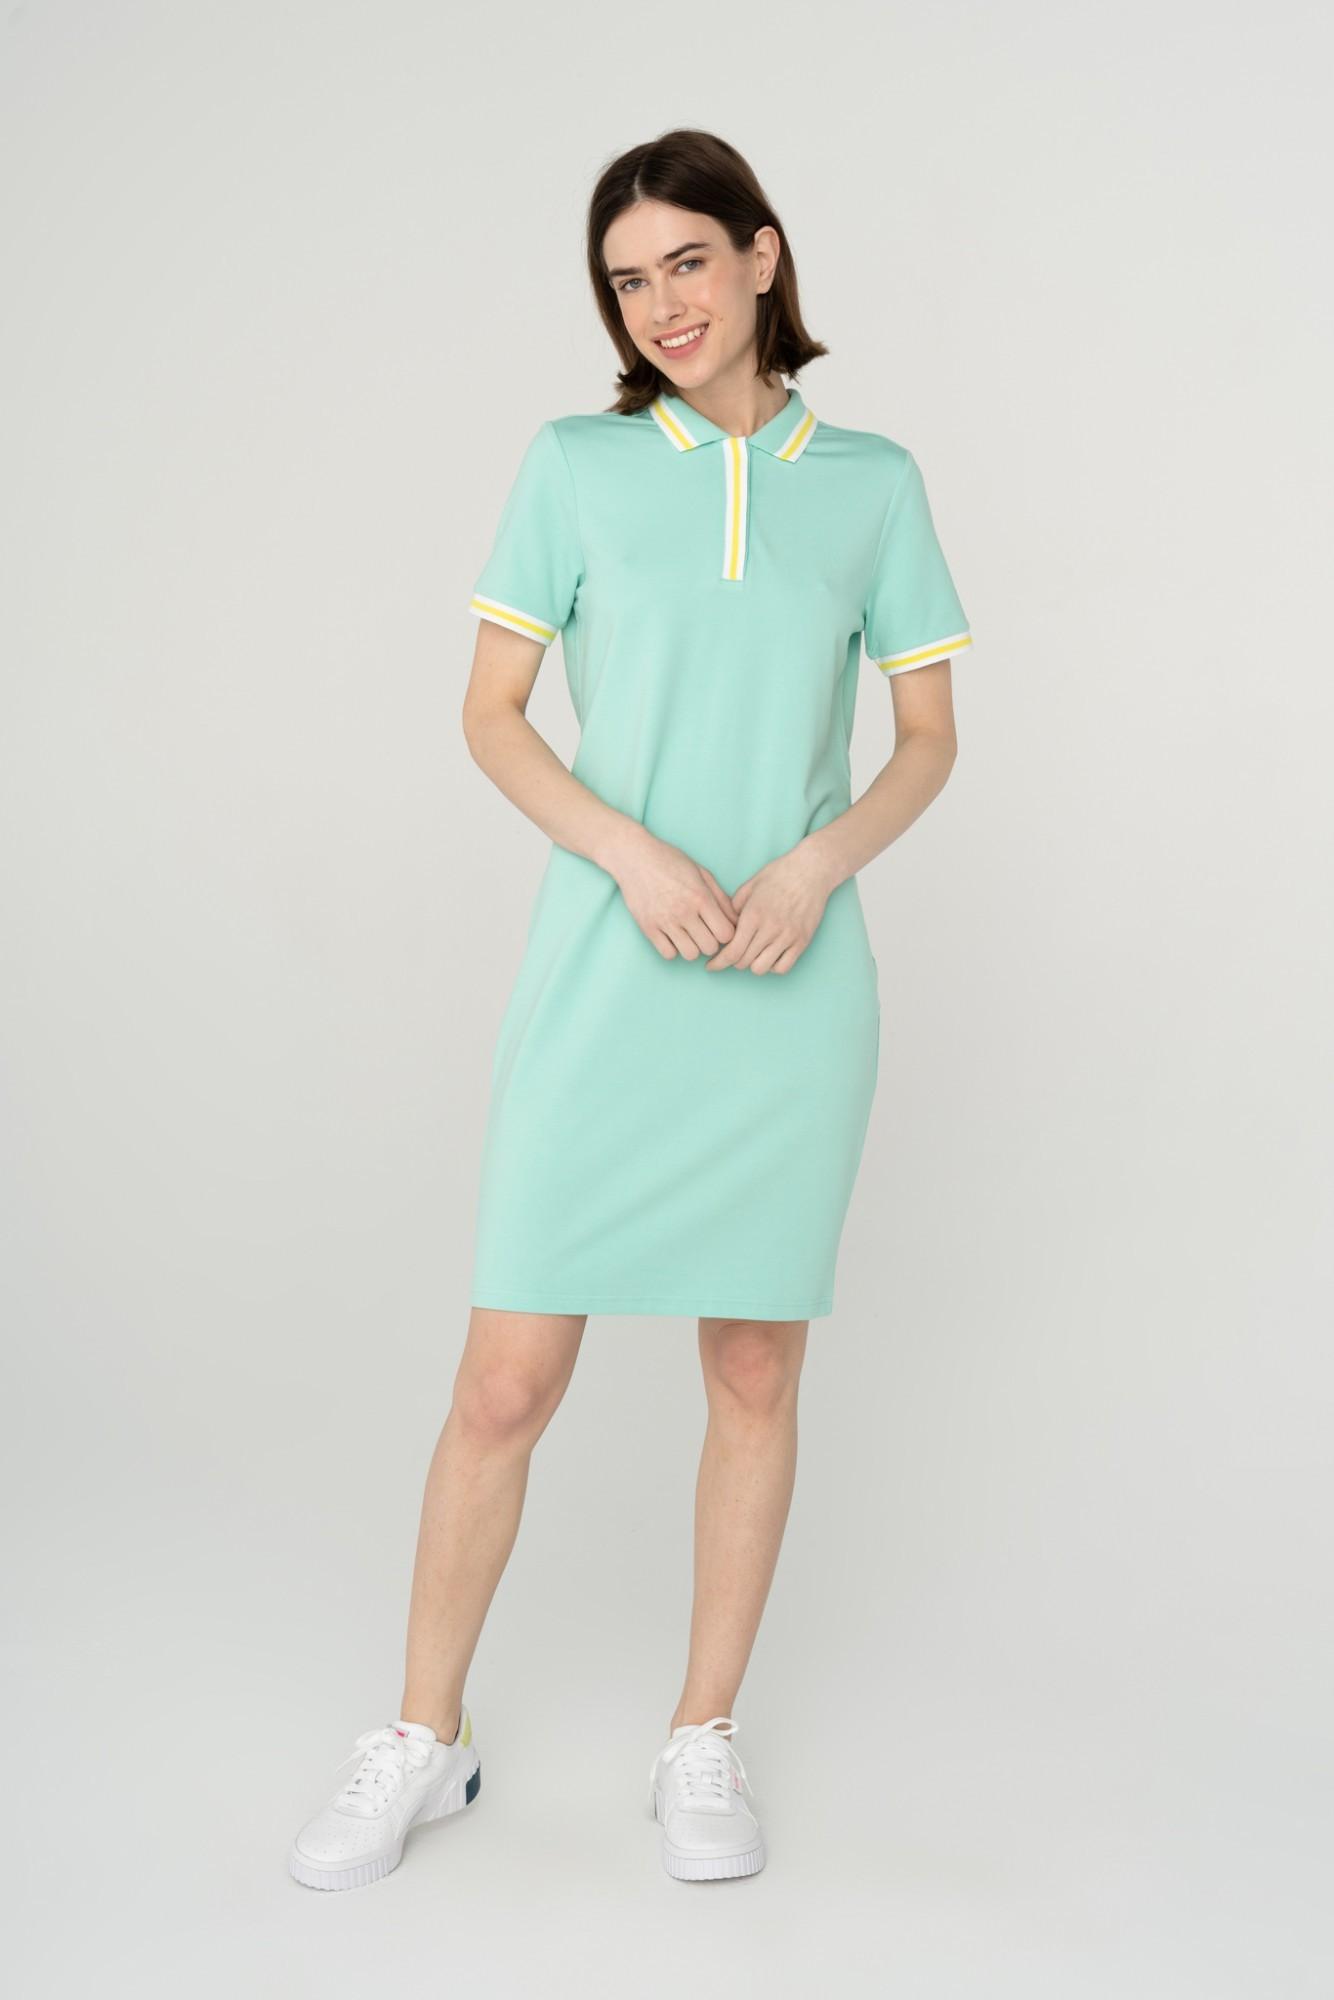 AUDIMAS Švelni modalo polo suknelė 2111-172 Ocean Wave M